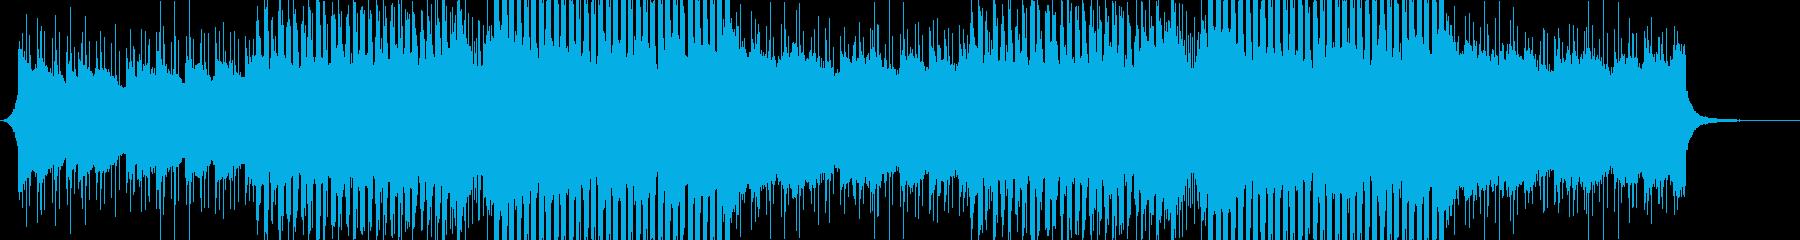 洋楽感のある夏らしいトロピカルハウス2の再生済みの波形